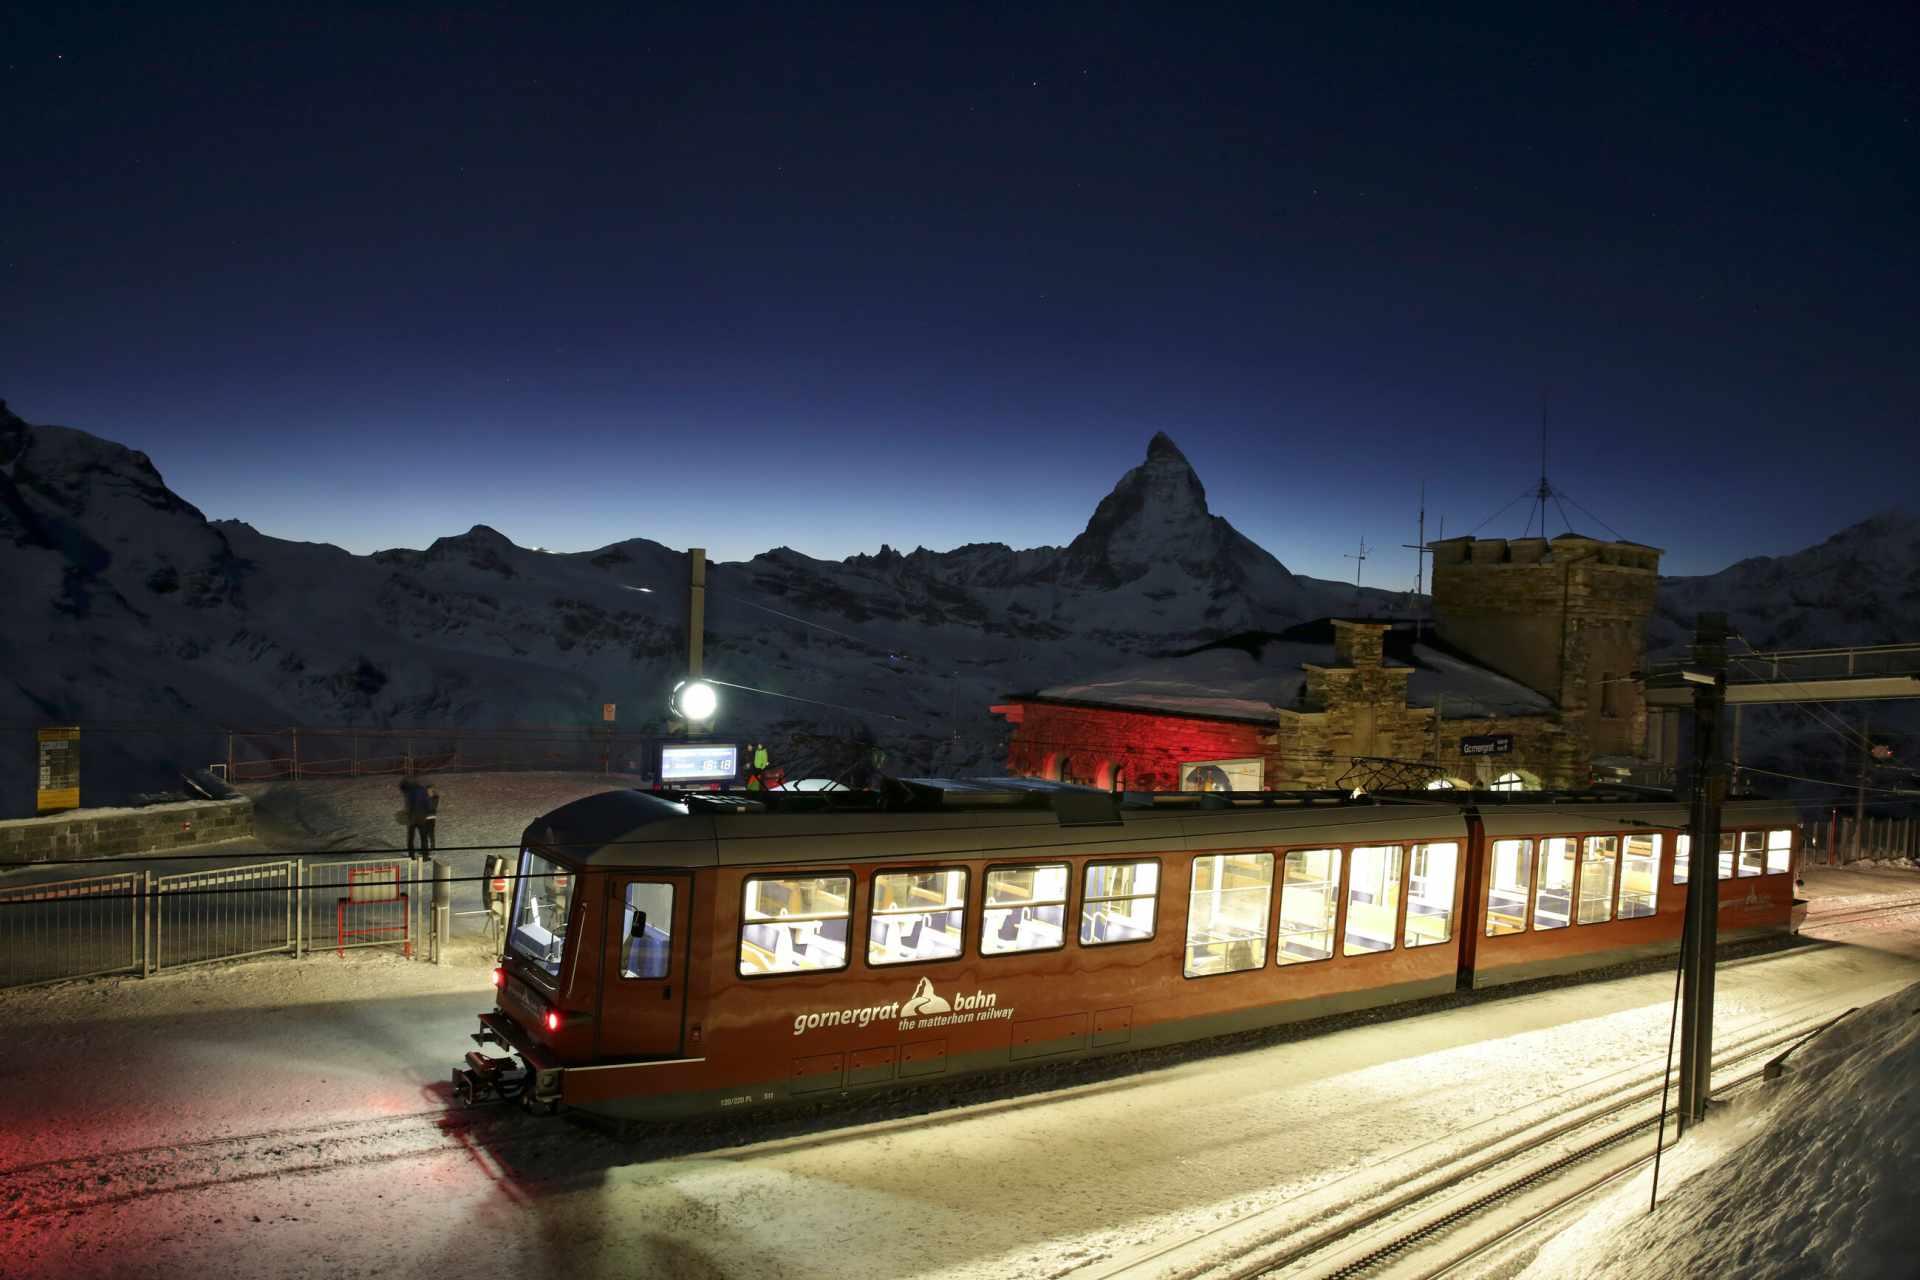 Gornergrat Bahn de nuit en hiver